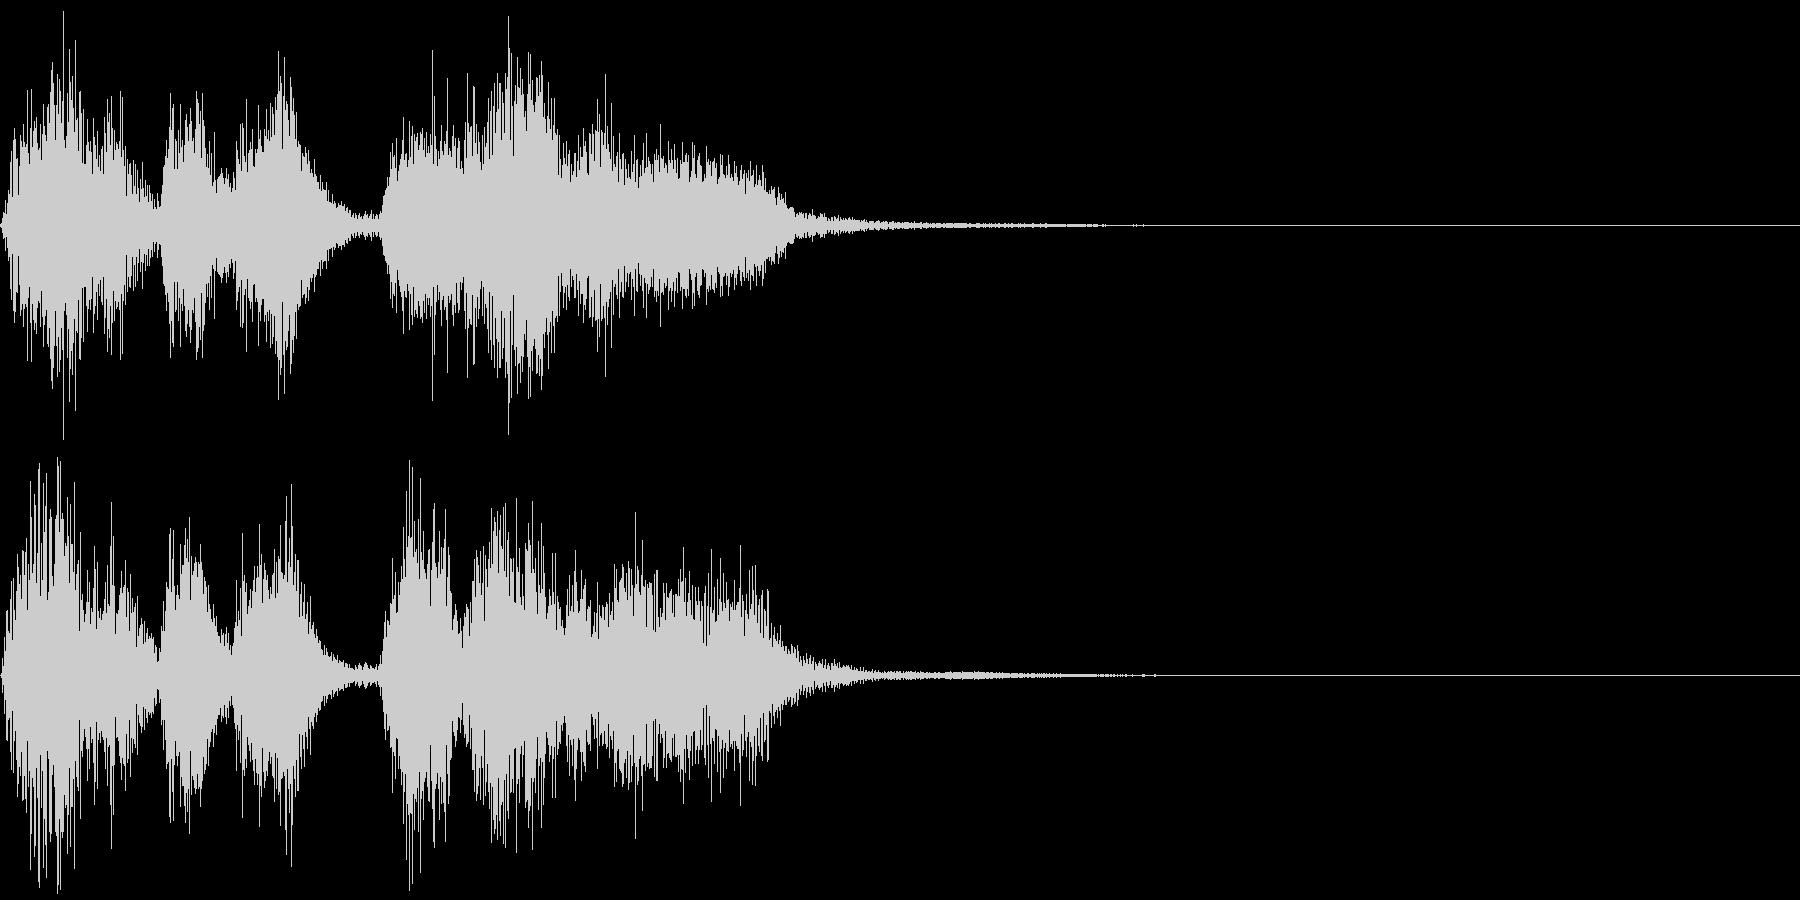 パパパパッパパー(トランペット)の未再生の波形